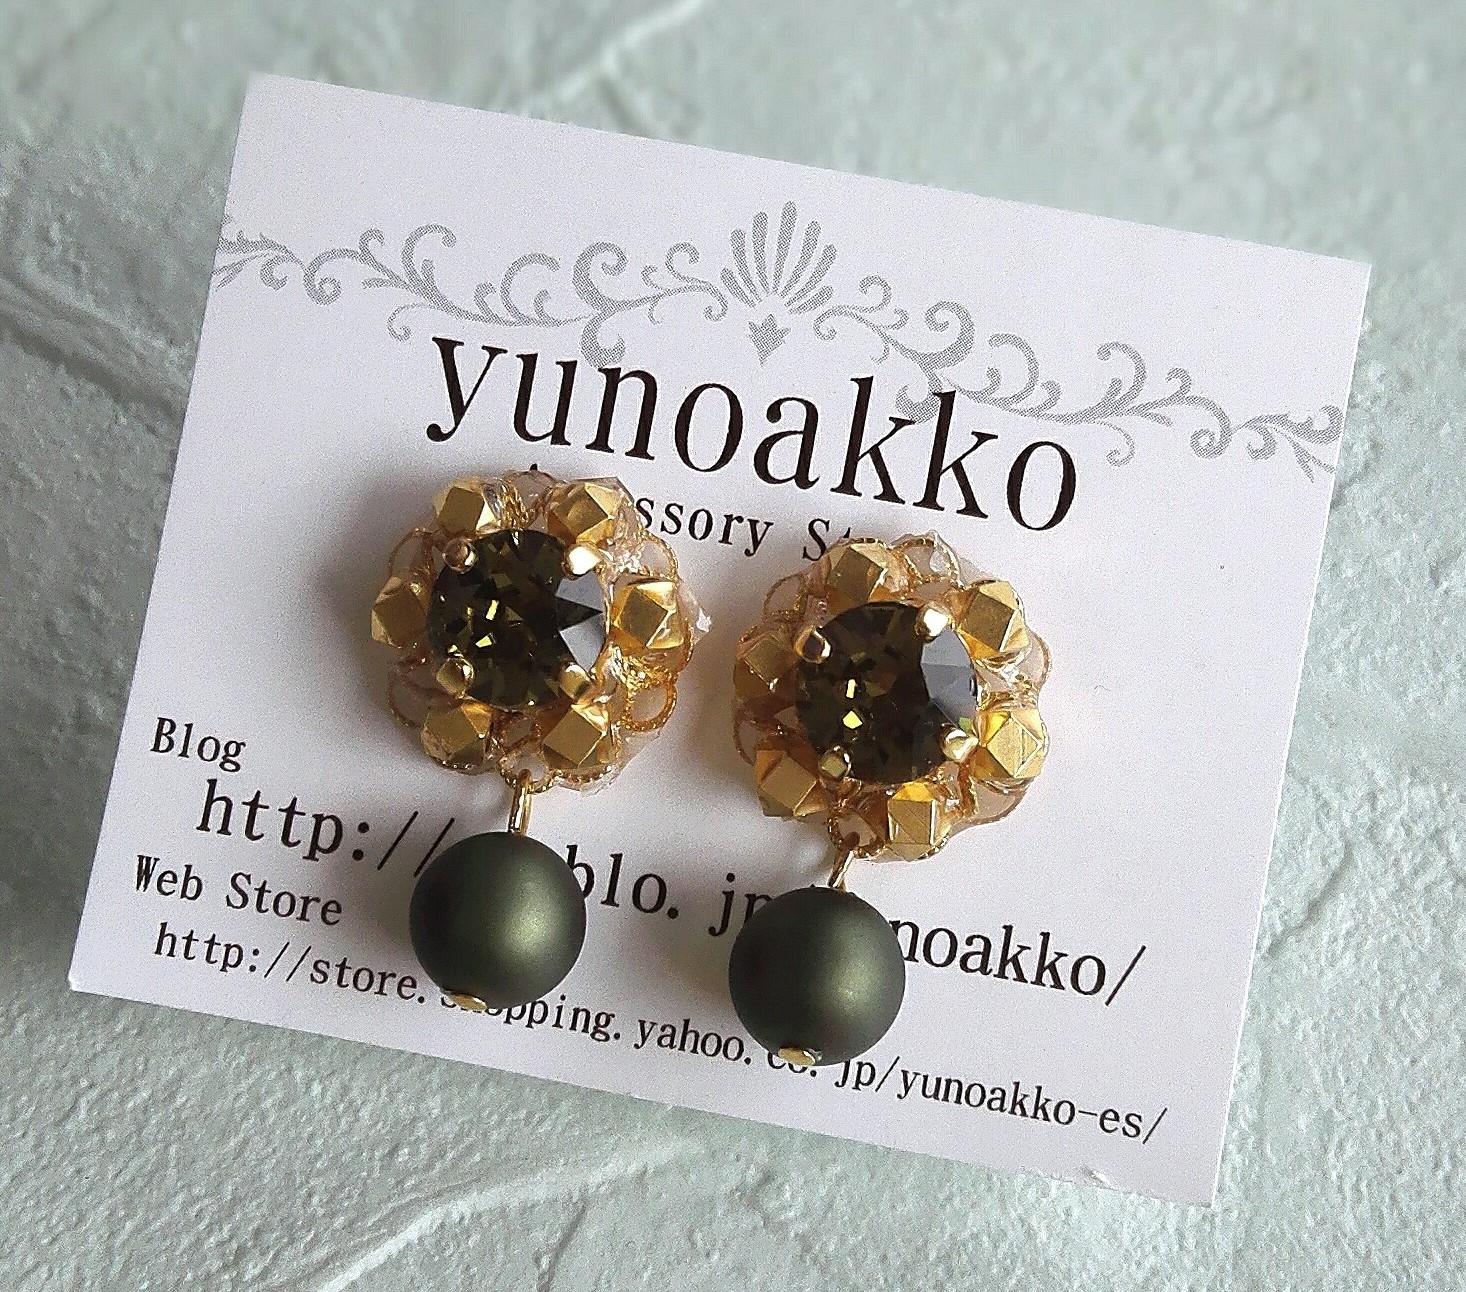 yunoakko